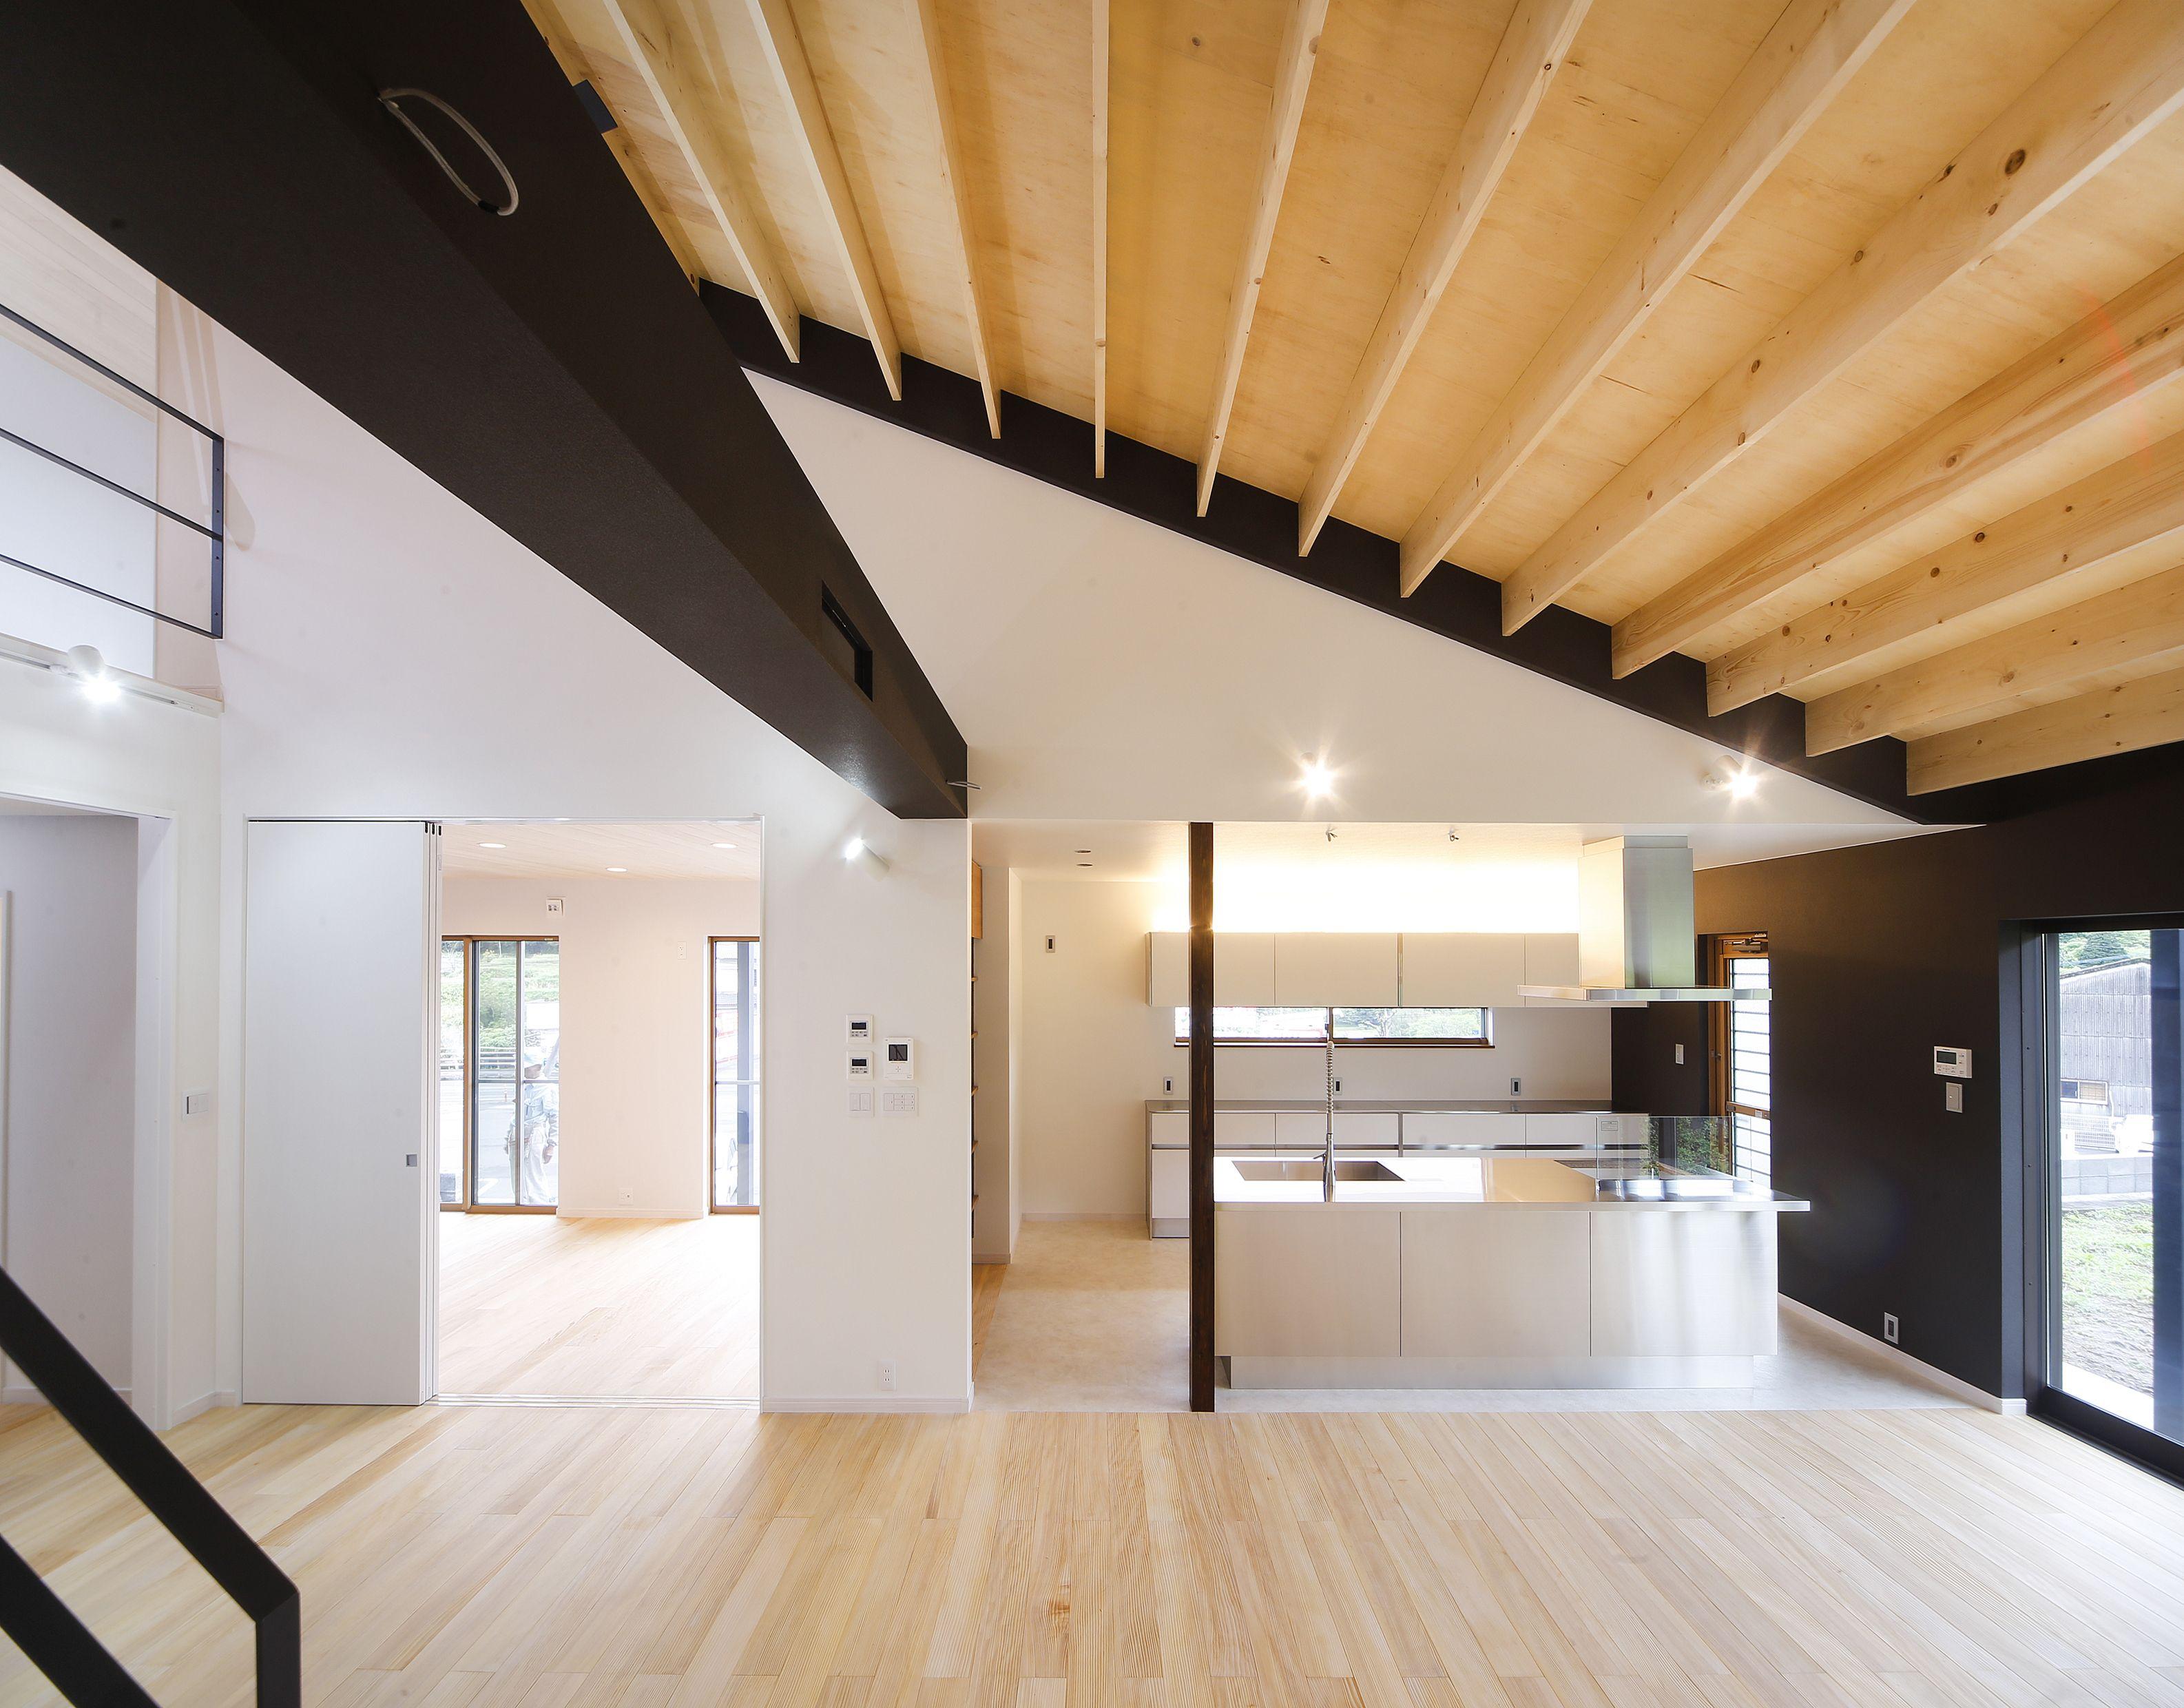 小山田の家 大屋根の家 家 天井 大屋根